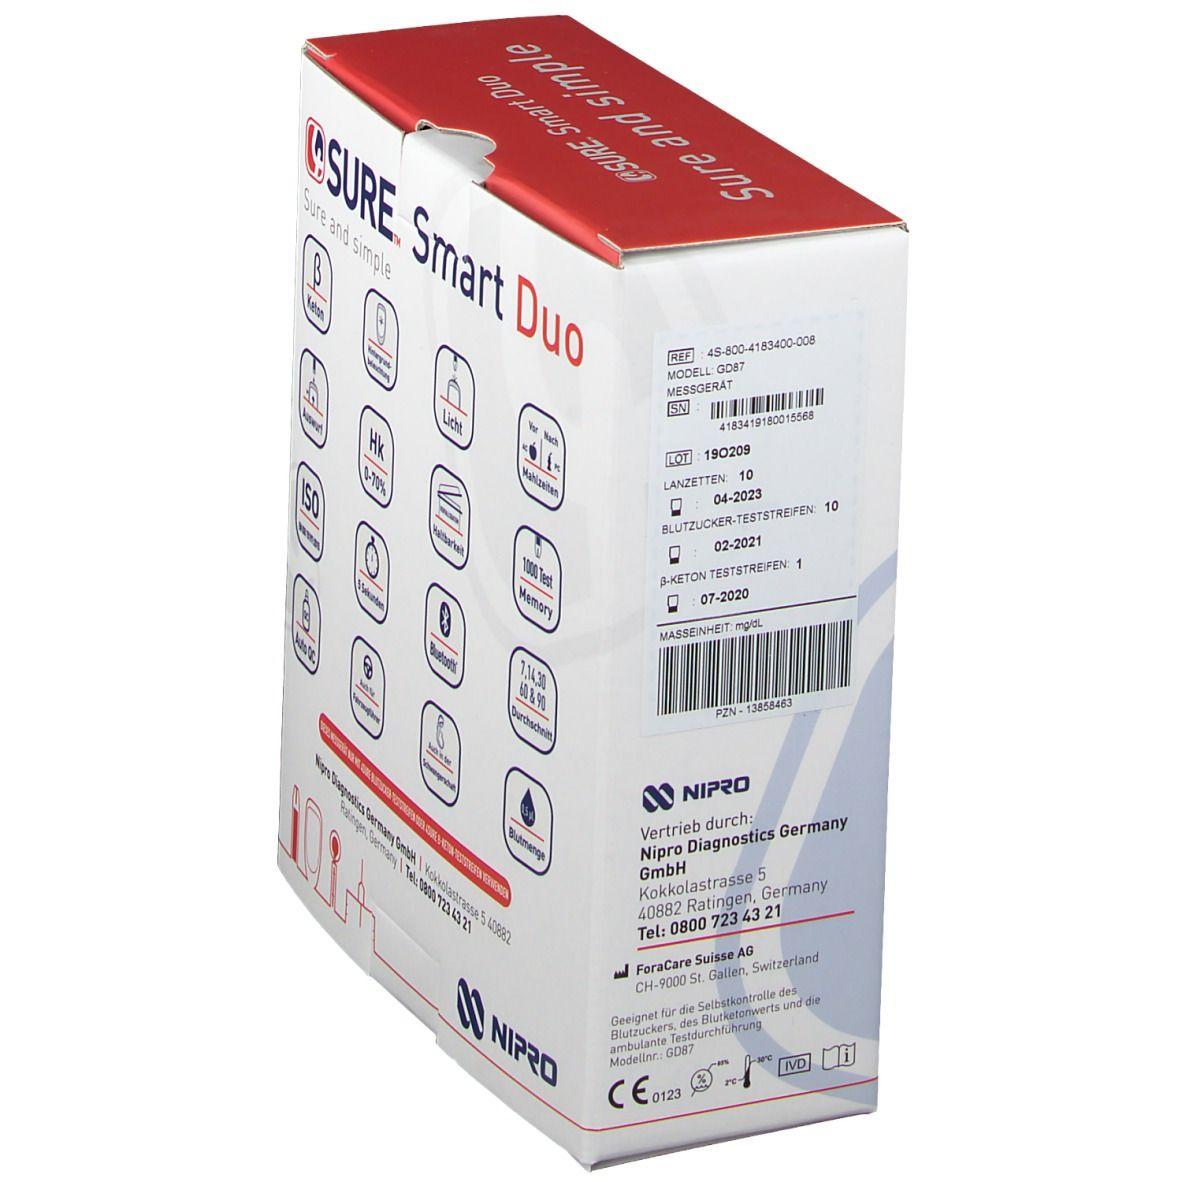 4SURE Smart Duo Blutzucker- und ß-Keton Messgerät mg/dL